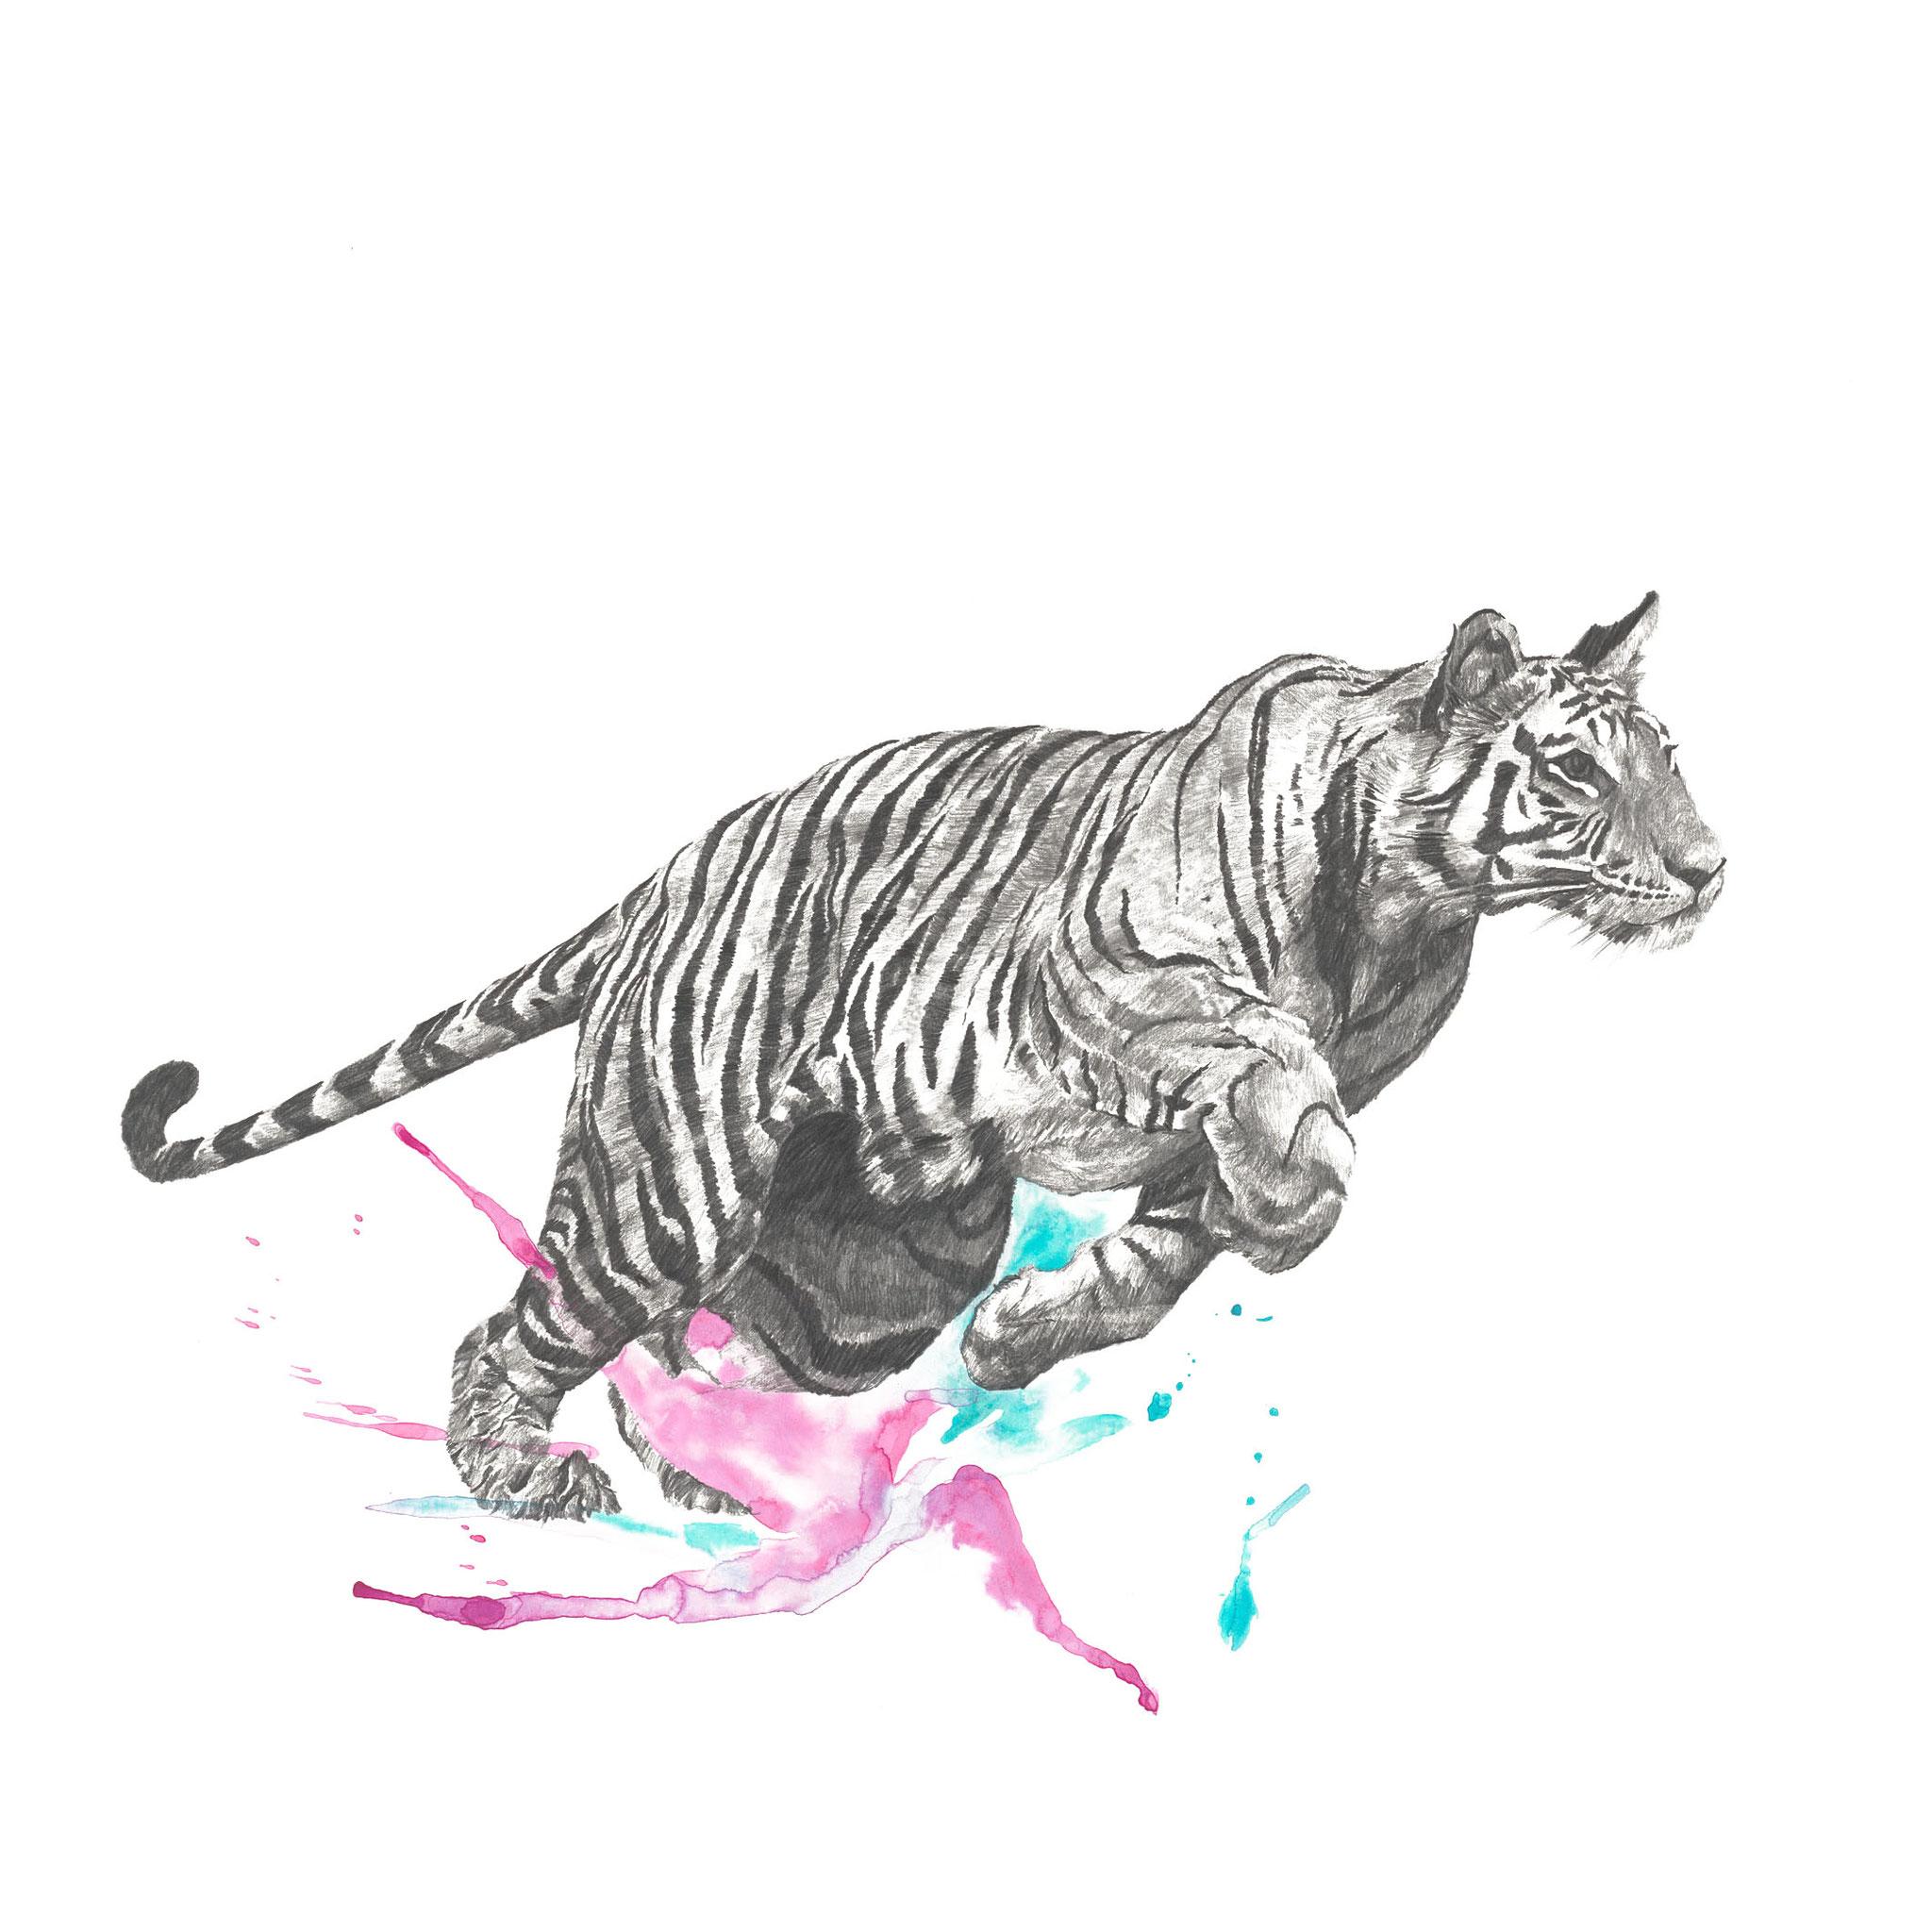 Bewegungsstudie Tiger II 70x70cm pencil, watercolor 2021